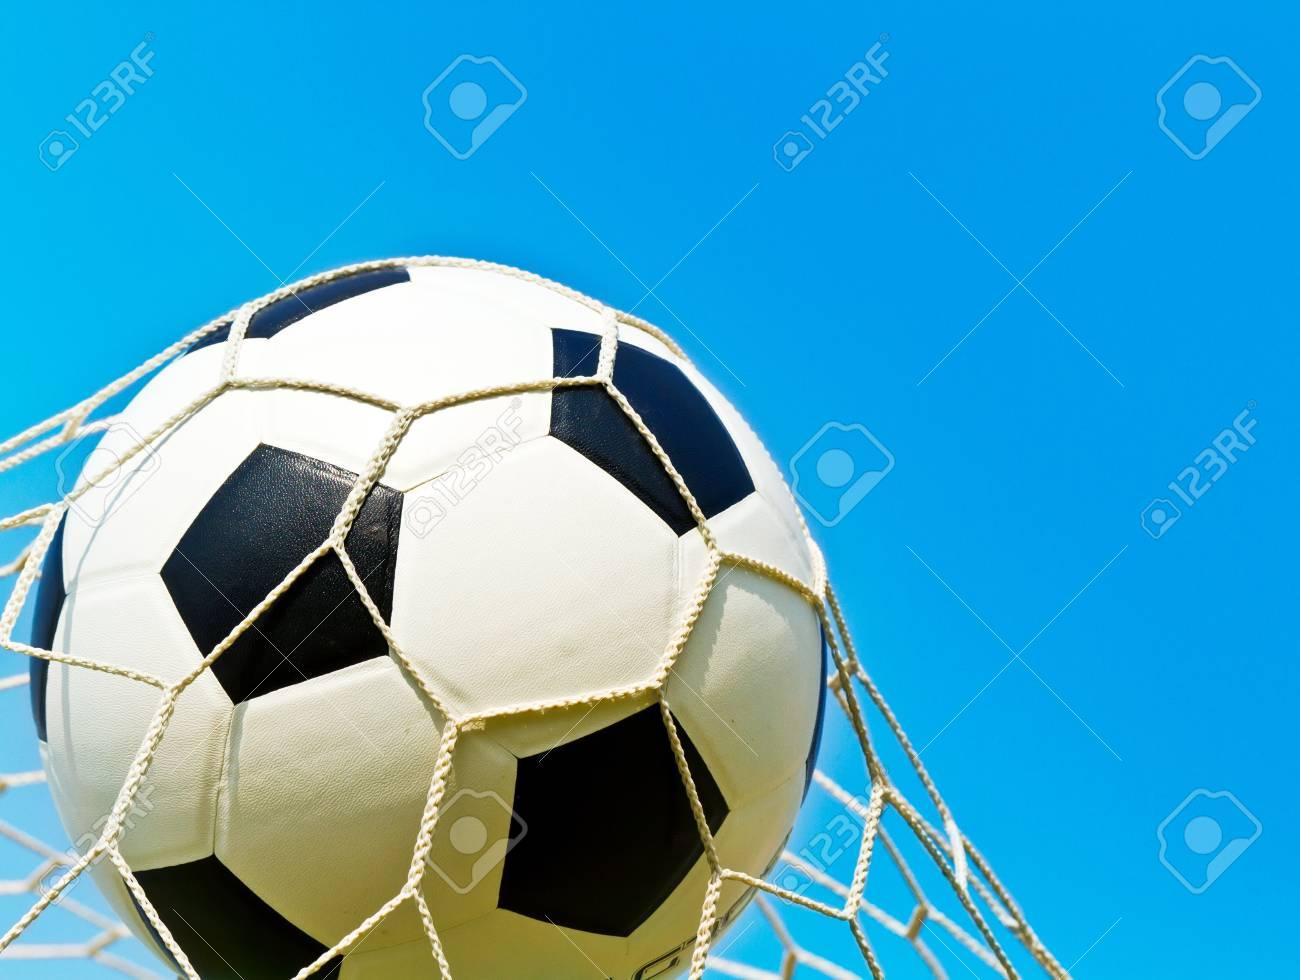 Soccer ball in net Stock Photo - 13274968